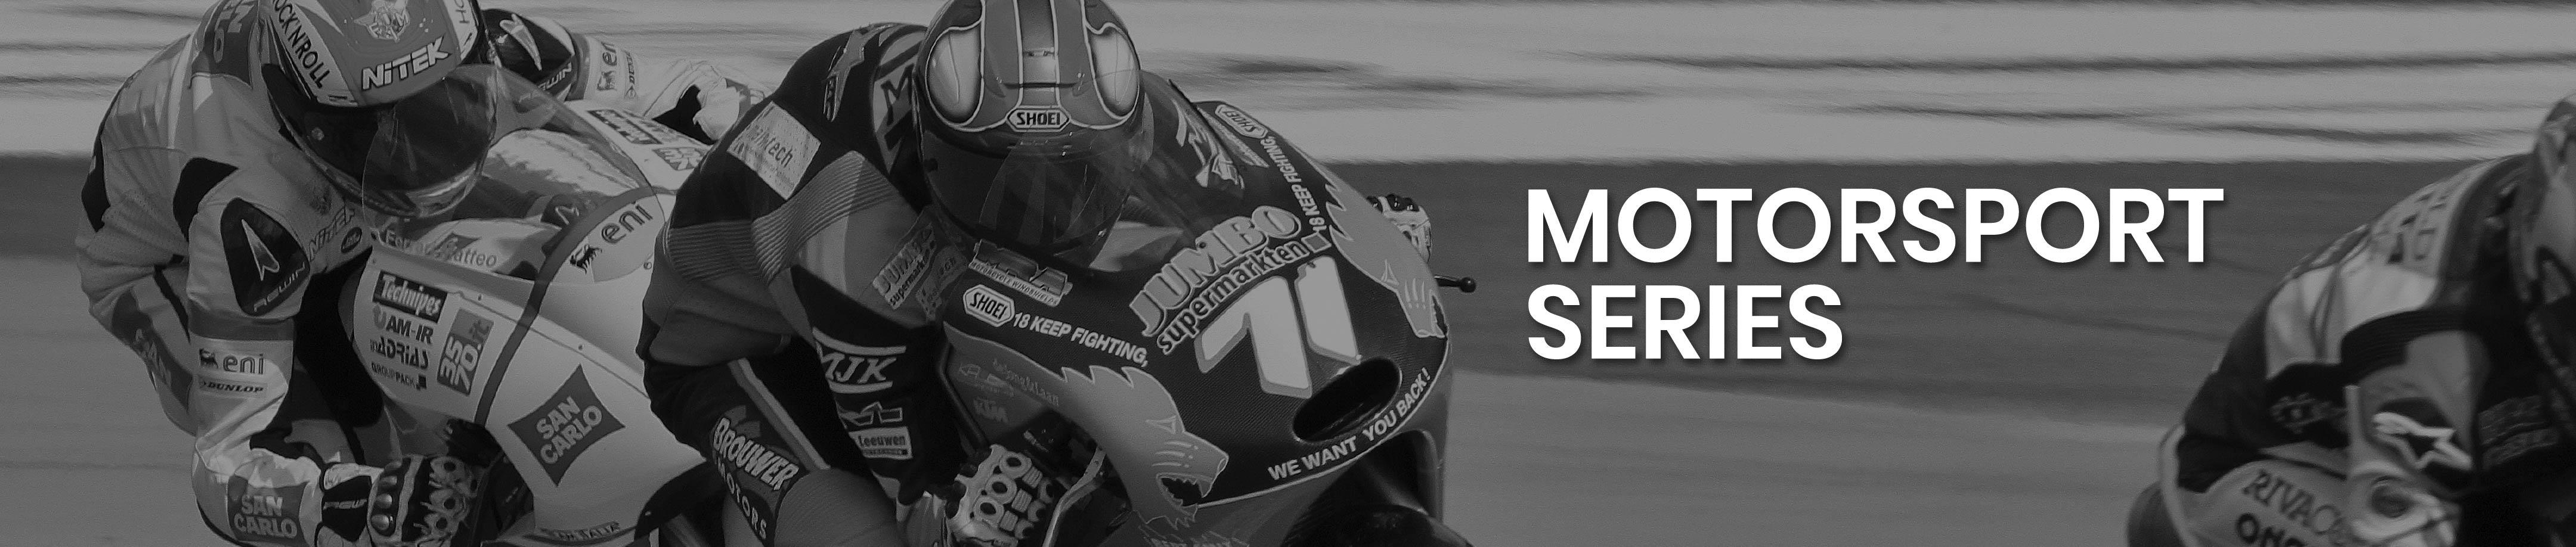 Motorsport series